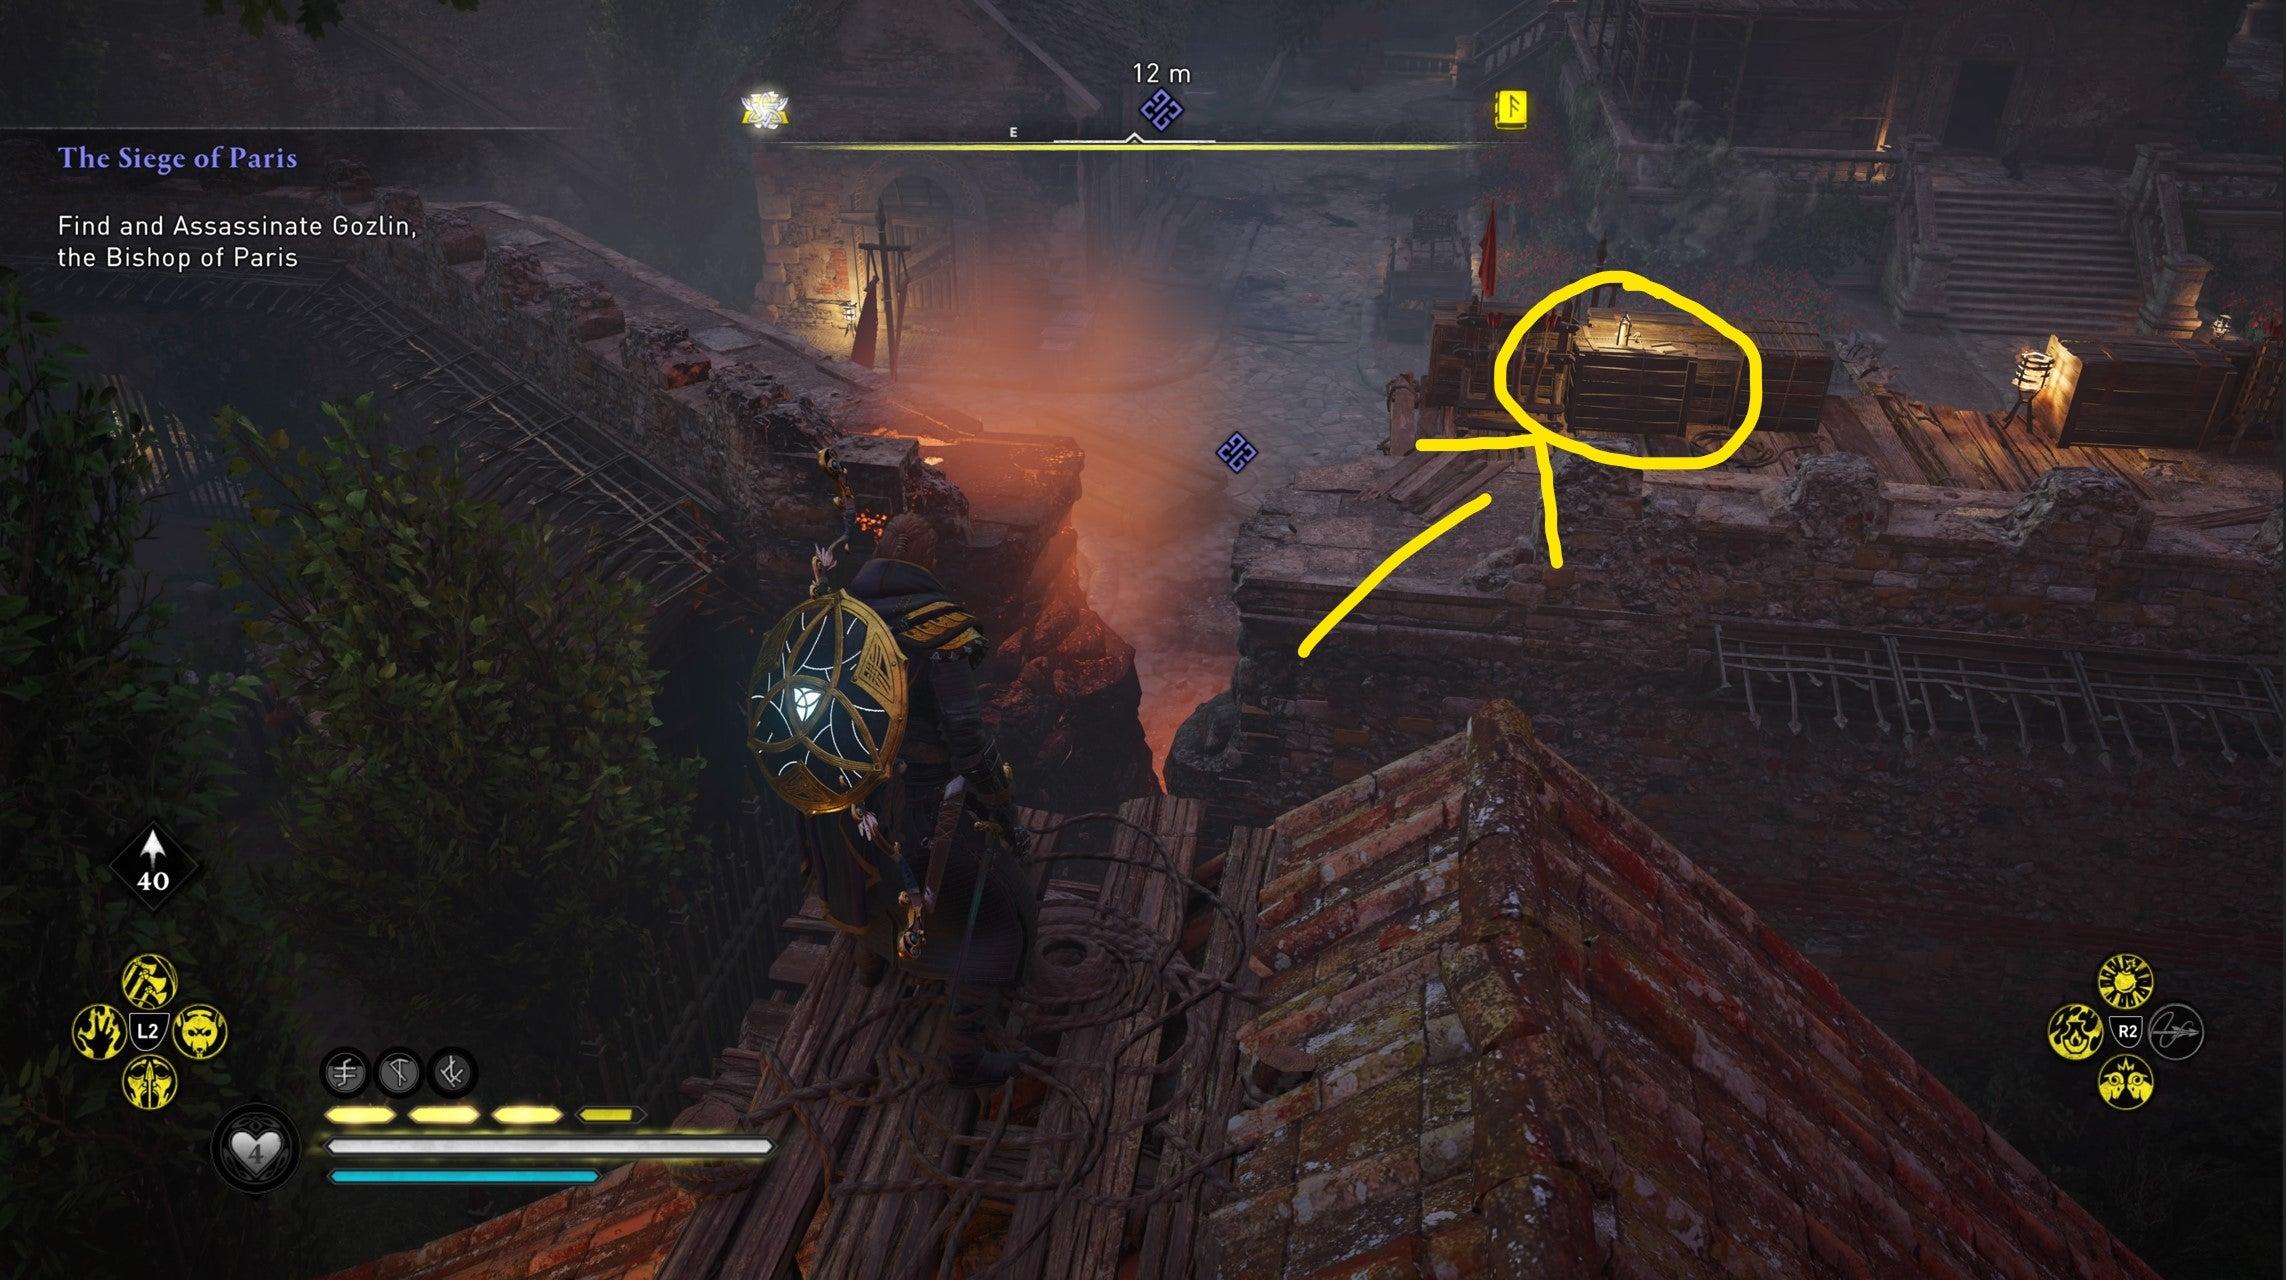 Image for Assassin's Creed Valhalla Siege of Paris | Bishop Gozlin Assassination Event